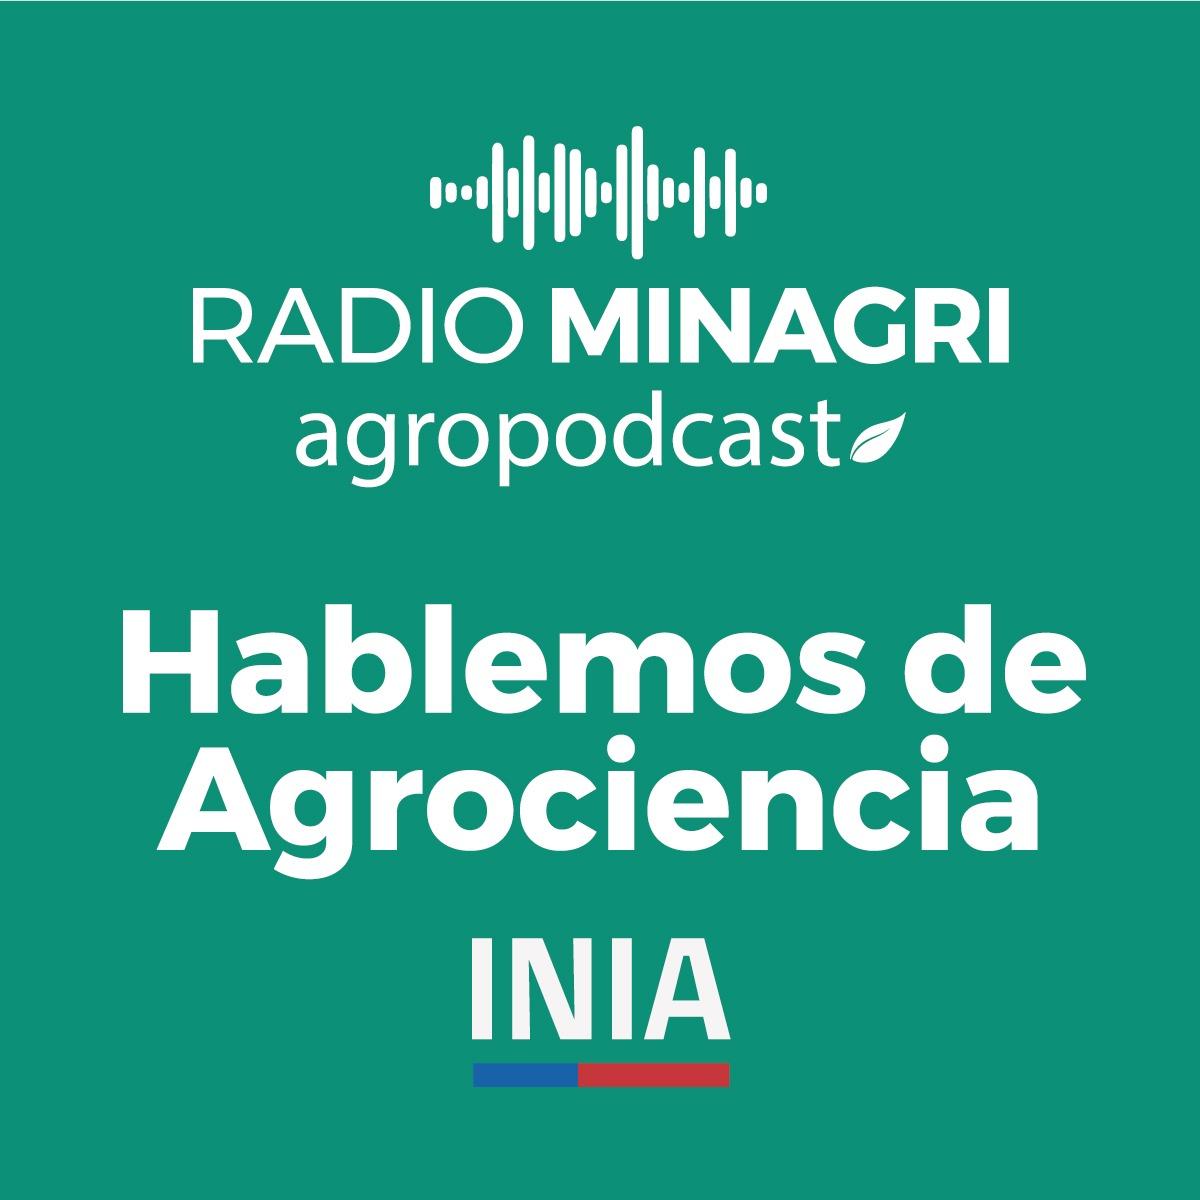 Hablemos de agrociencia – Episodio 4: Gestión de la Innovación de INIA